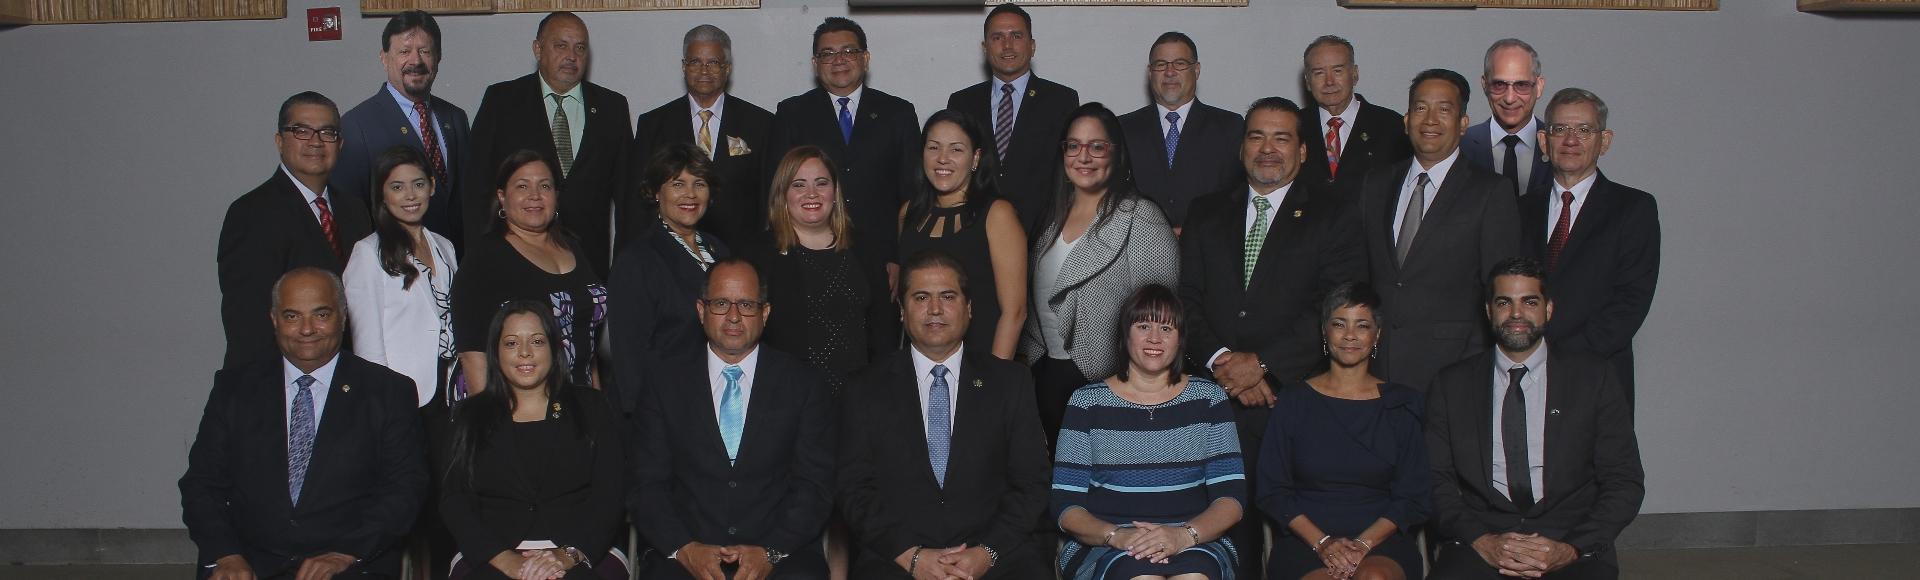 Junta de Gobierno 2018-2019